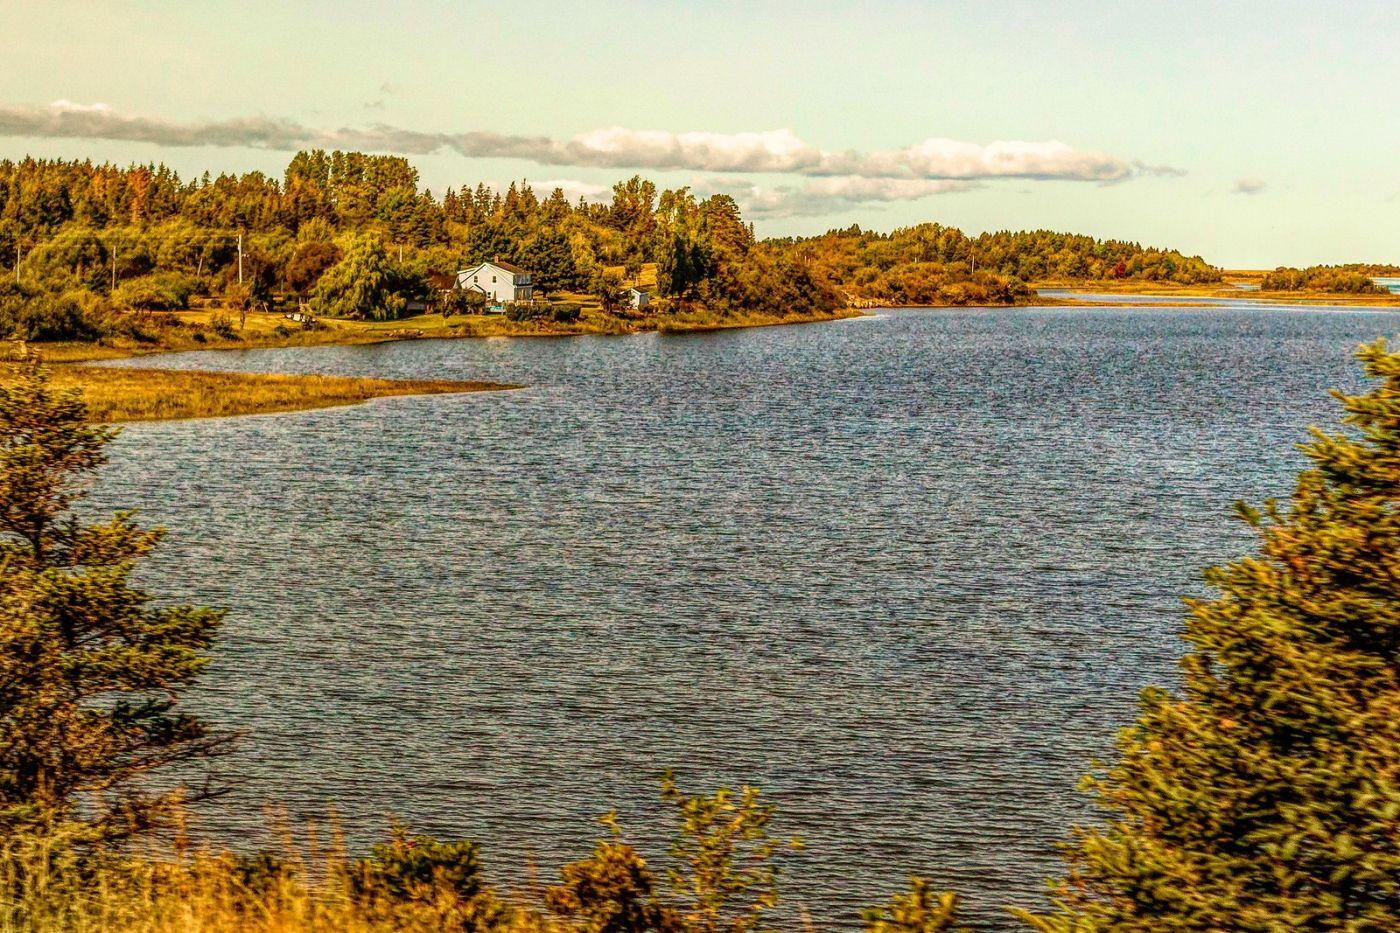 加拿大路途,水边抓拍_图1-24